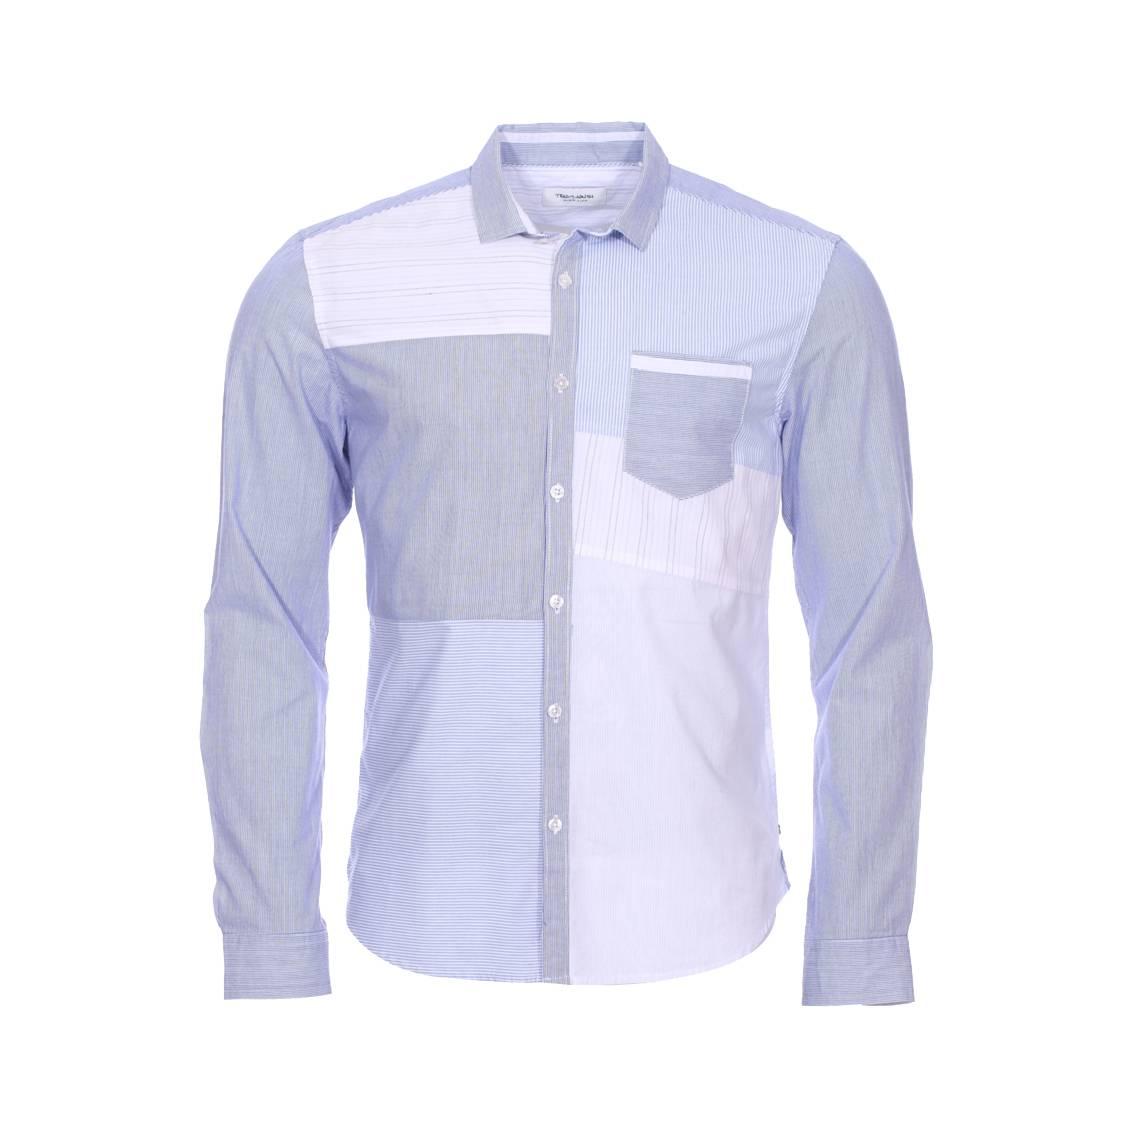 Chemise ajustée  chrome en coton à rayures blanches et bleues en patchwork